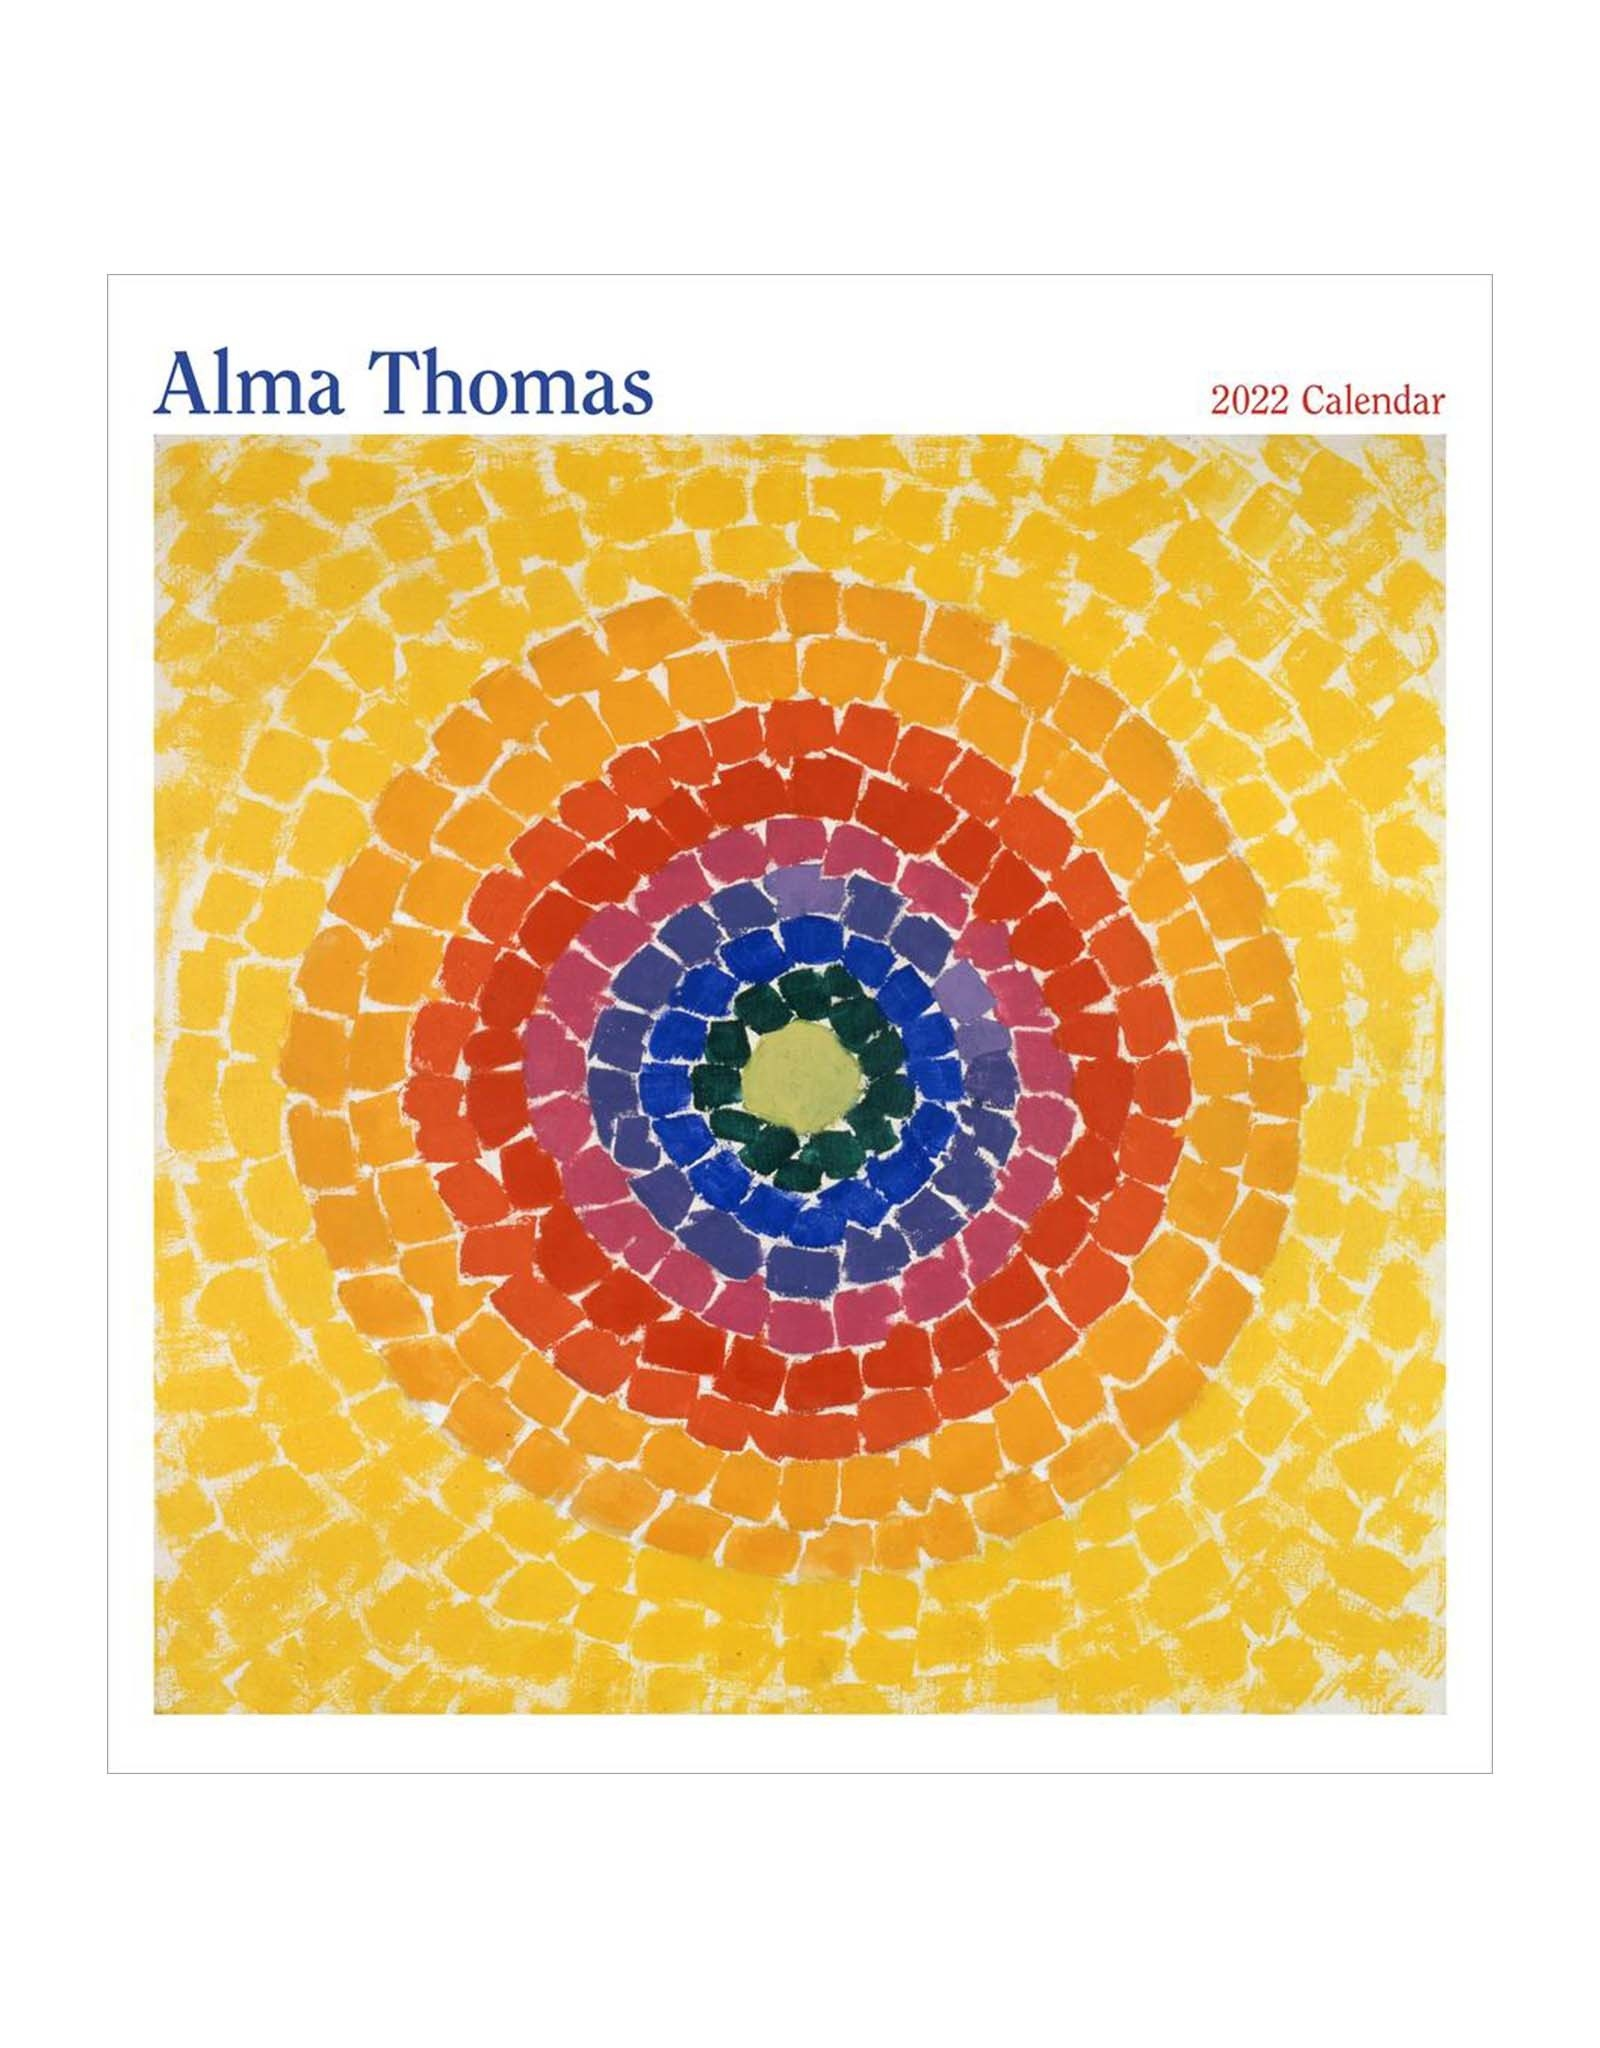 Alma Thomas 2022 Wall Calendar